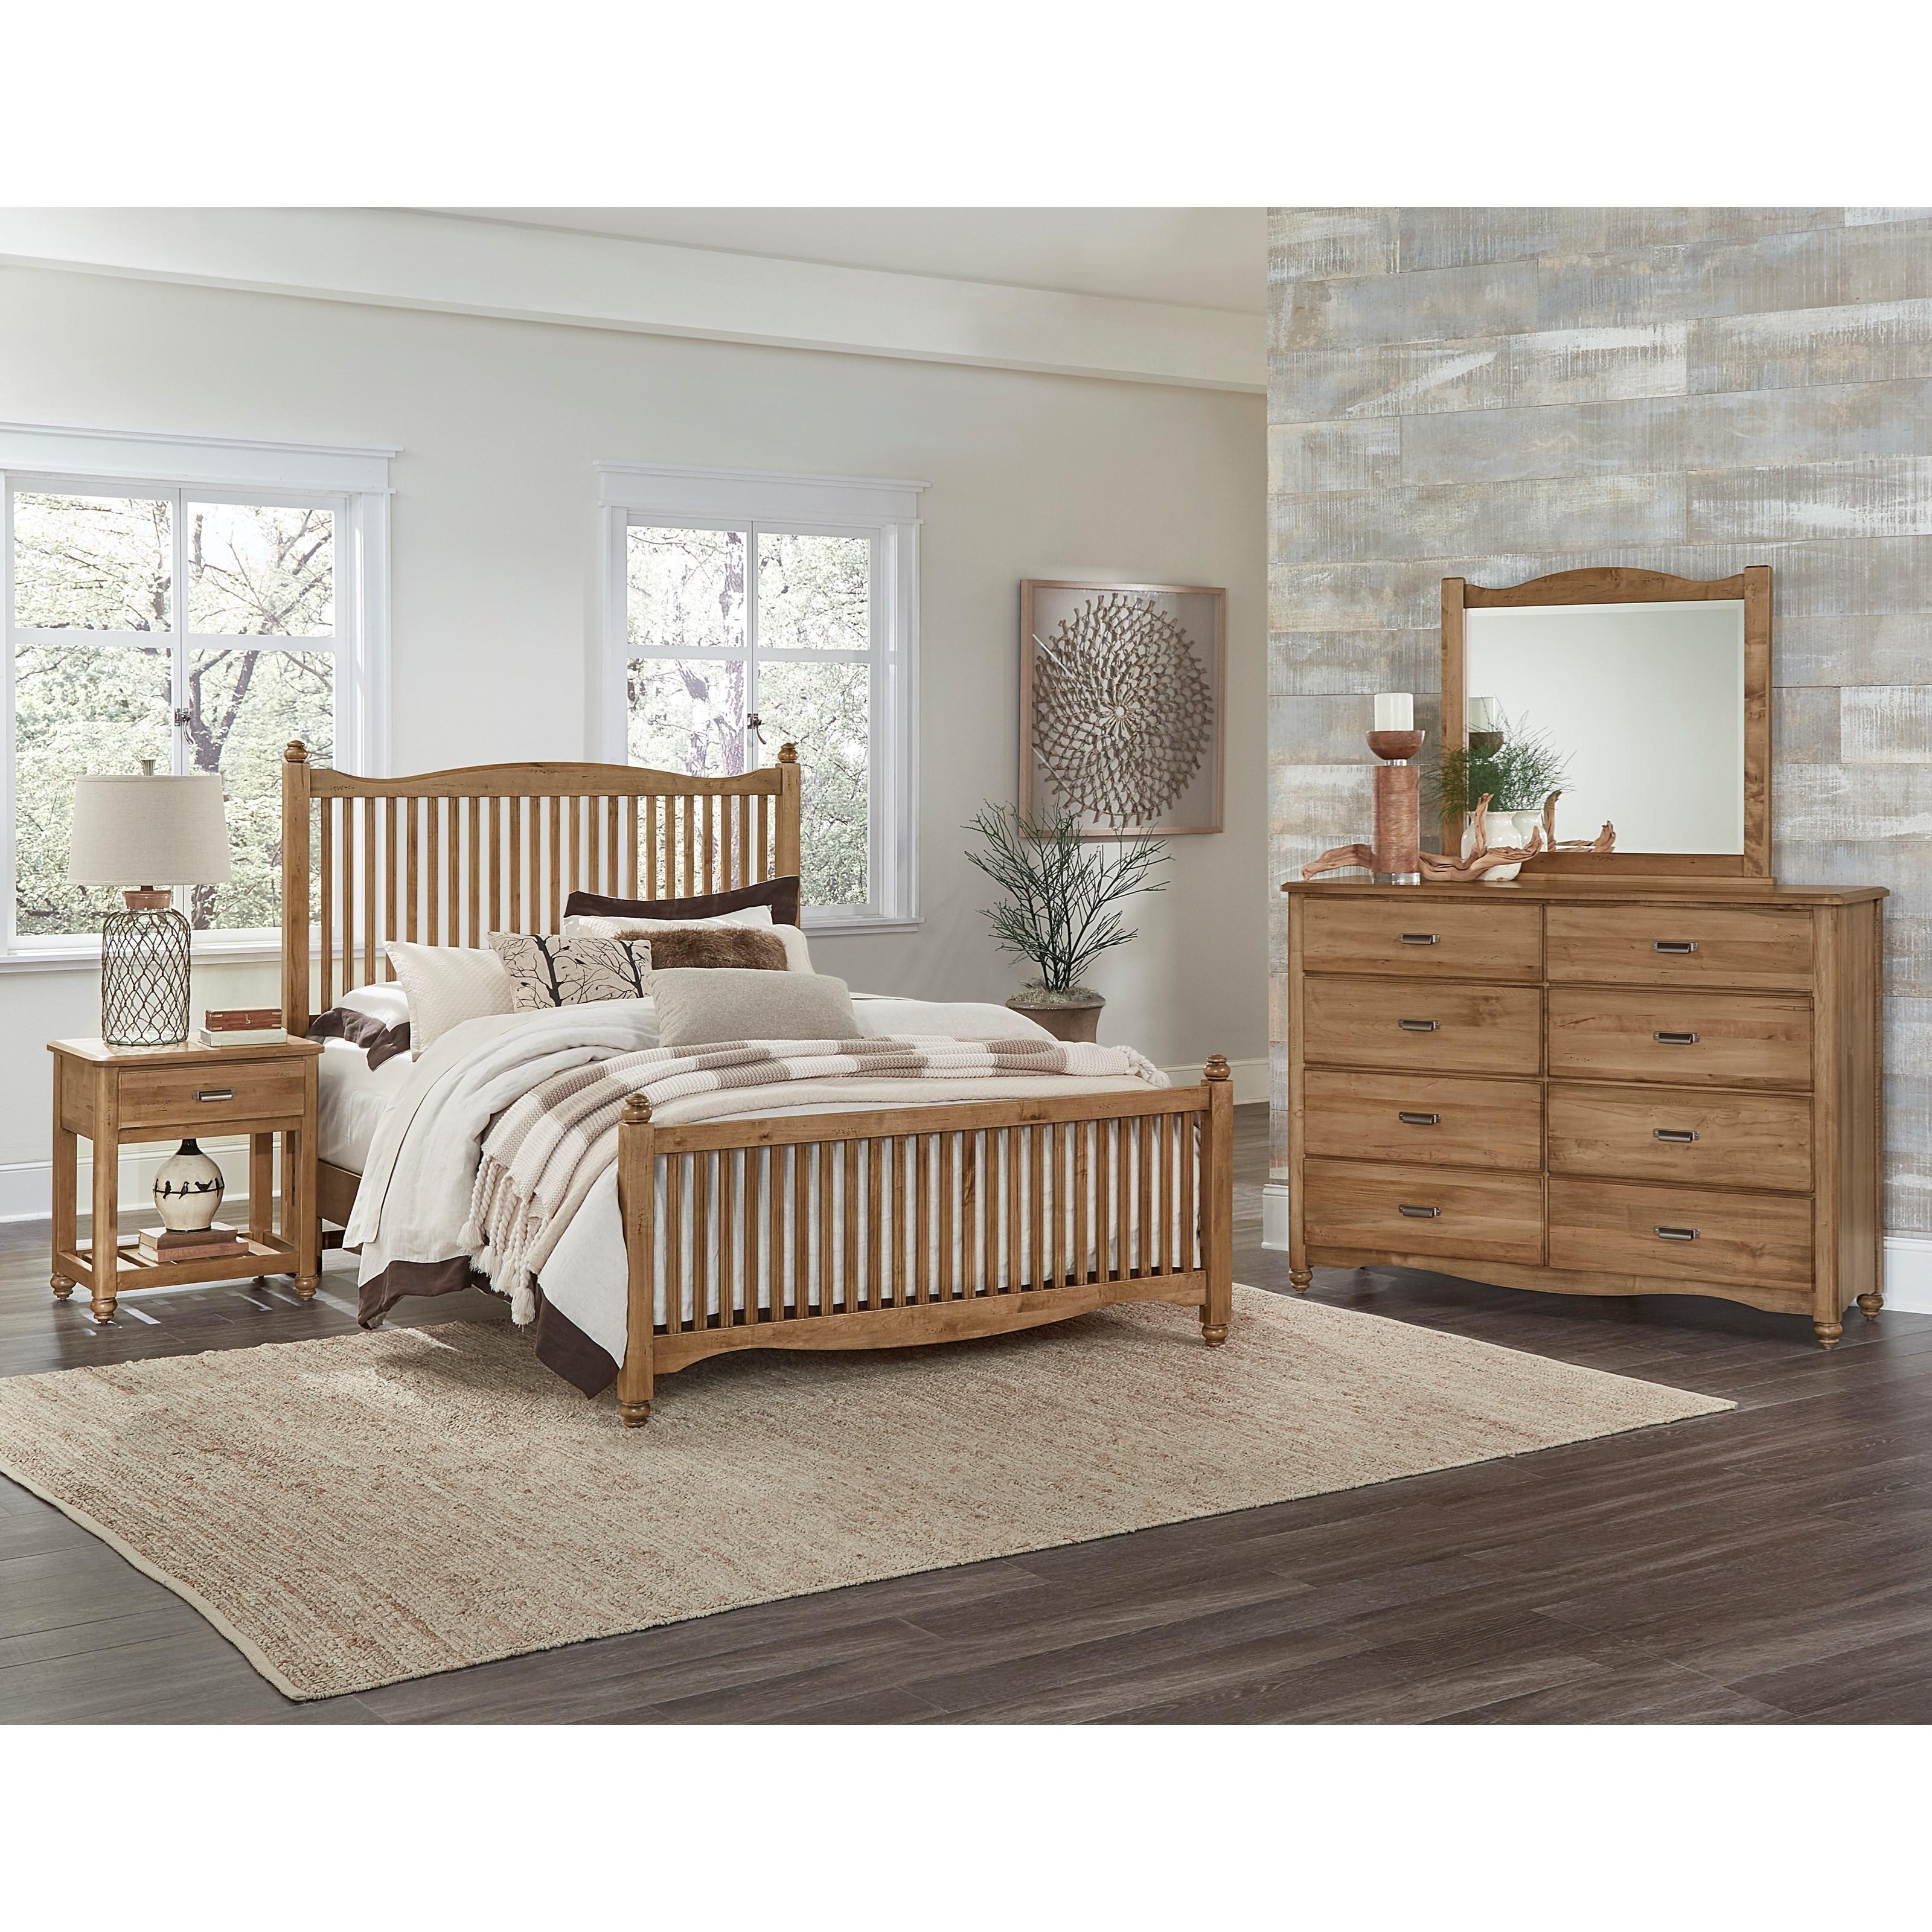 Vaughan Bassett American Maple Queen Bedroom Group - Item Number: 402 Q Bedroom Group 1